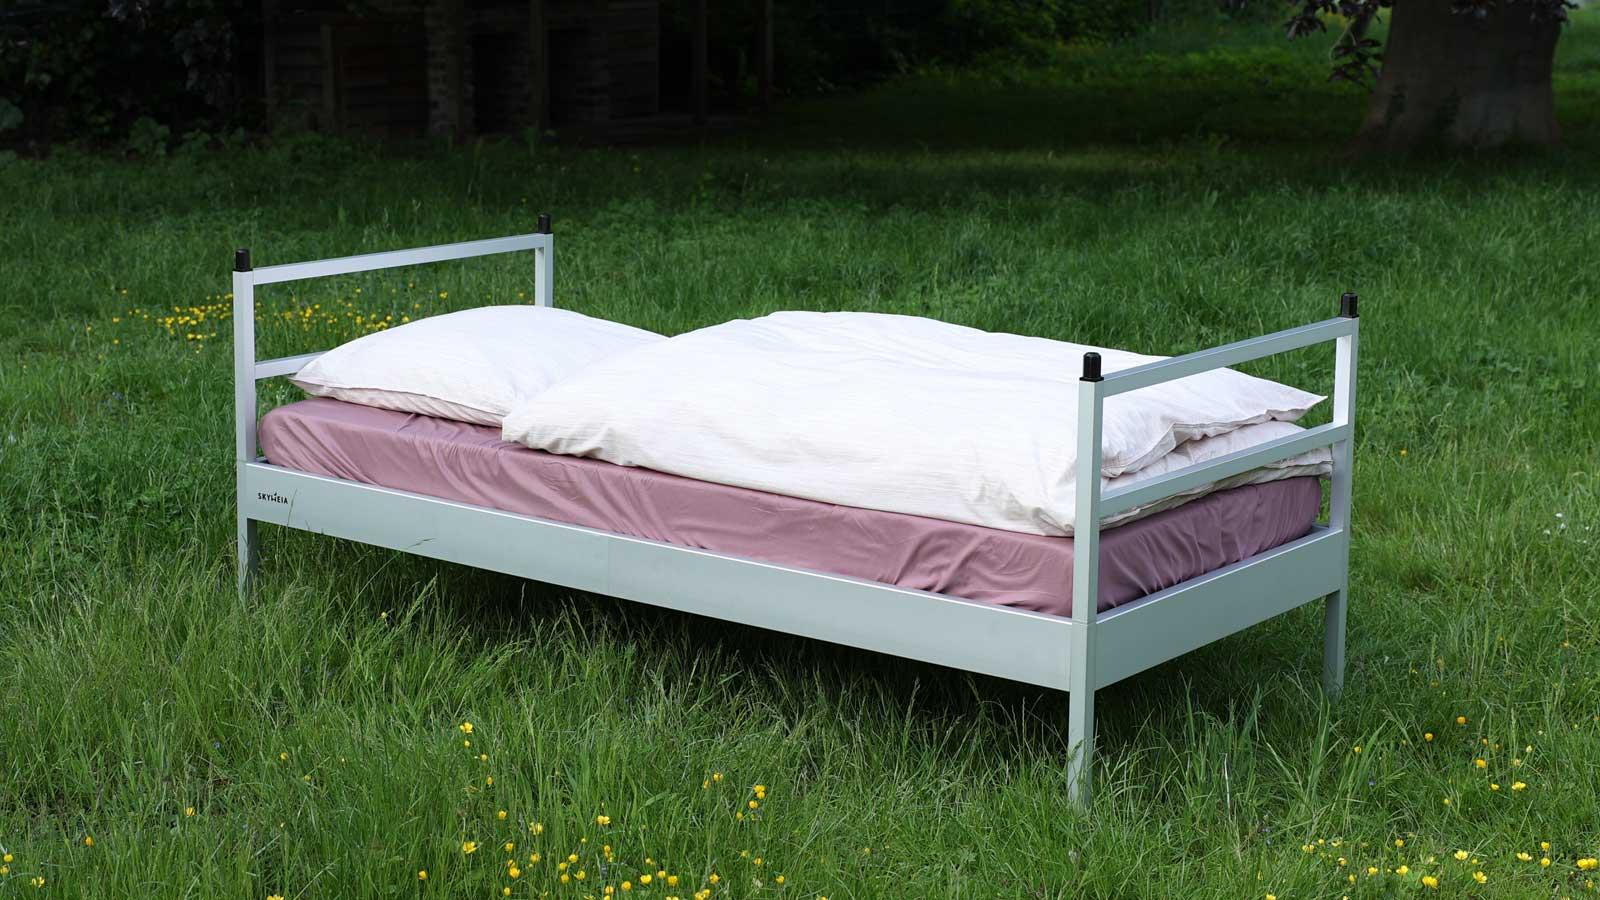 Die SkyHeia, das Outdoor-Bett, steht auf einer Wiese. Man sieht das Bett in seiner Grundausstattung mit weißer Bettwäsche und violettem Bettlaken.